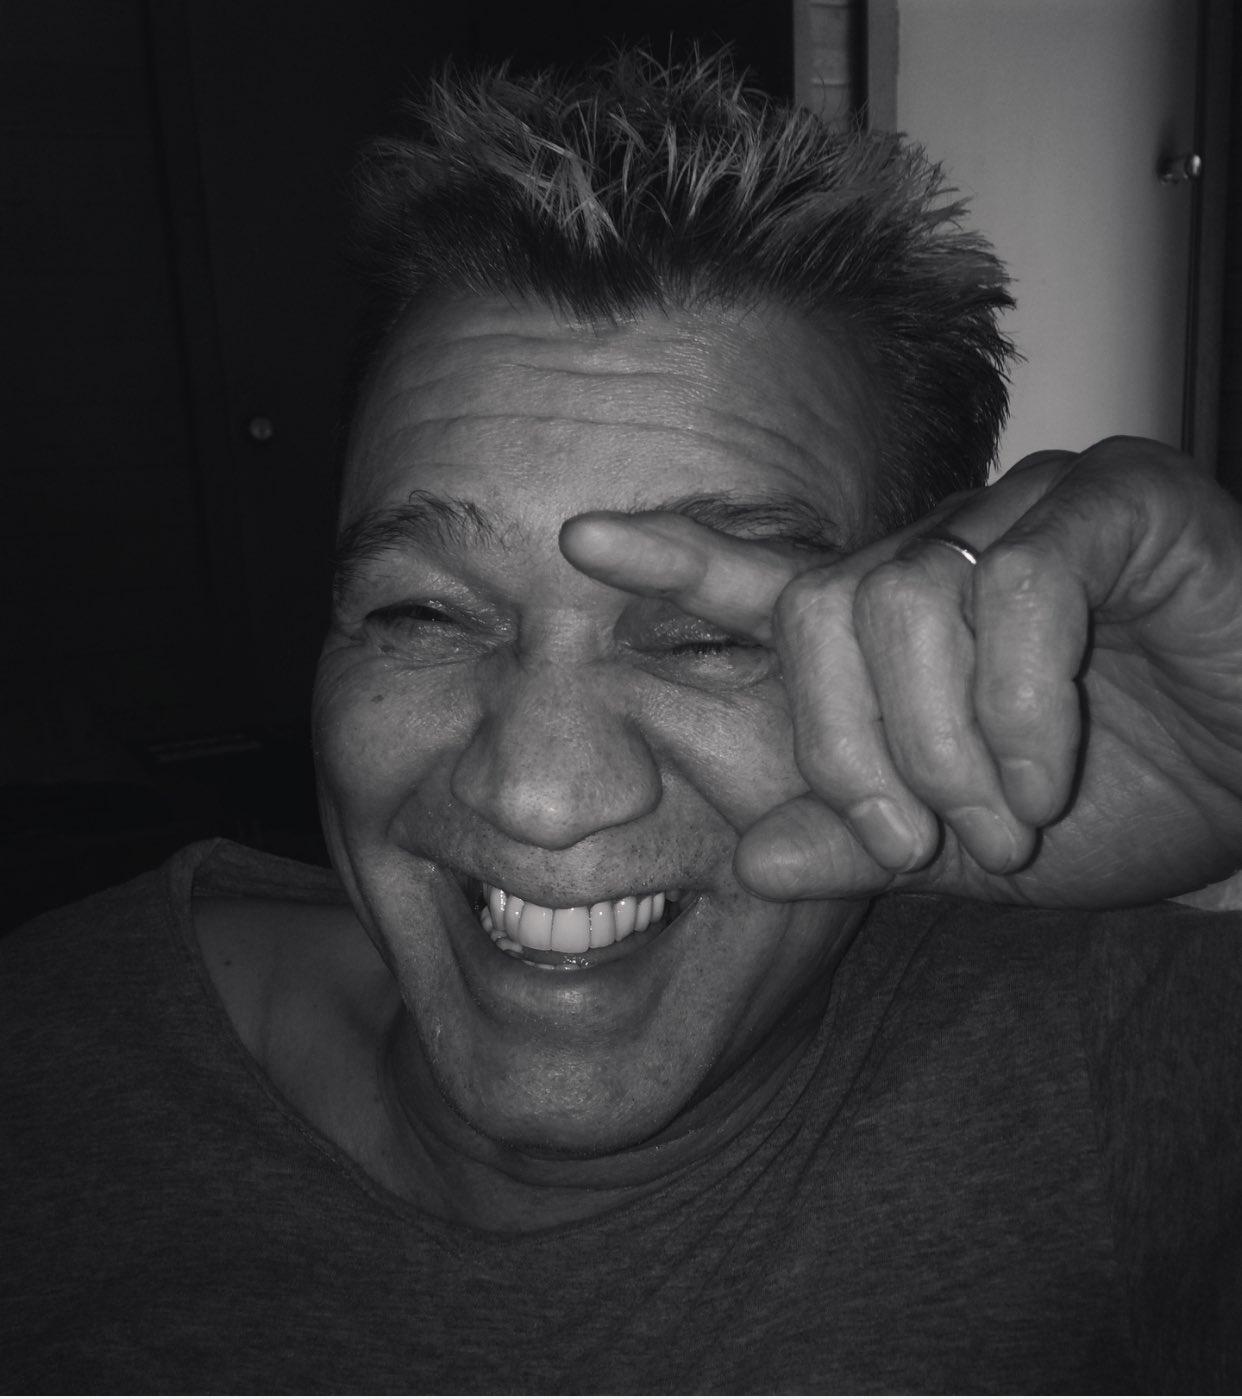 Morre, aos 65 anos, Eddie Van Halen, importante nome do rock